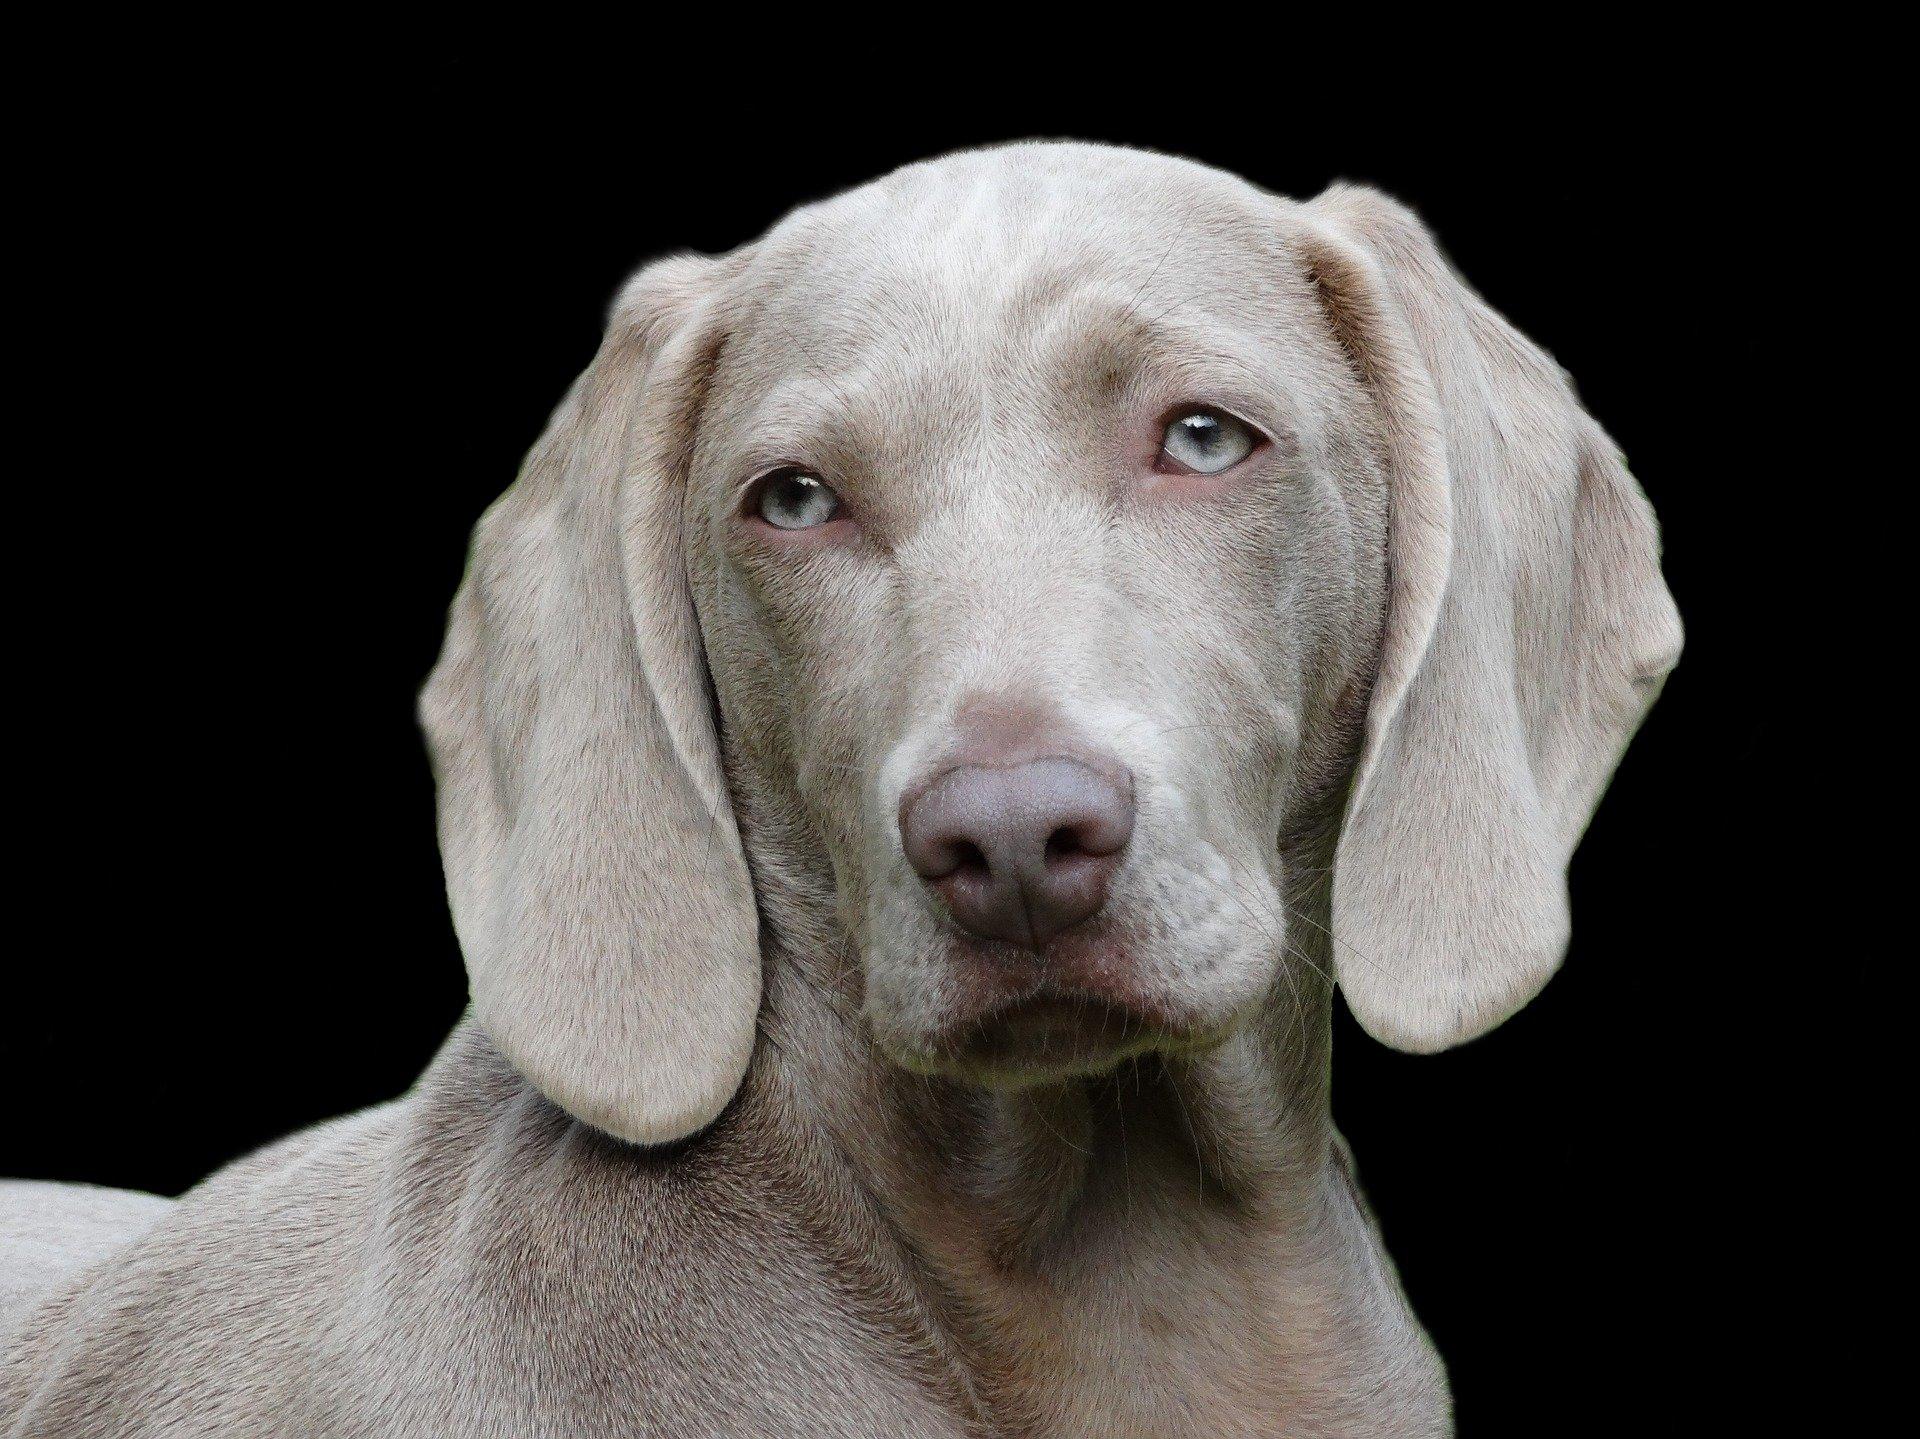 Le malattie dell'apparato riproduttore nei cani: quali sono?